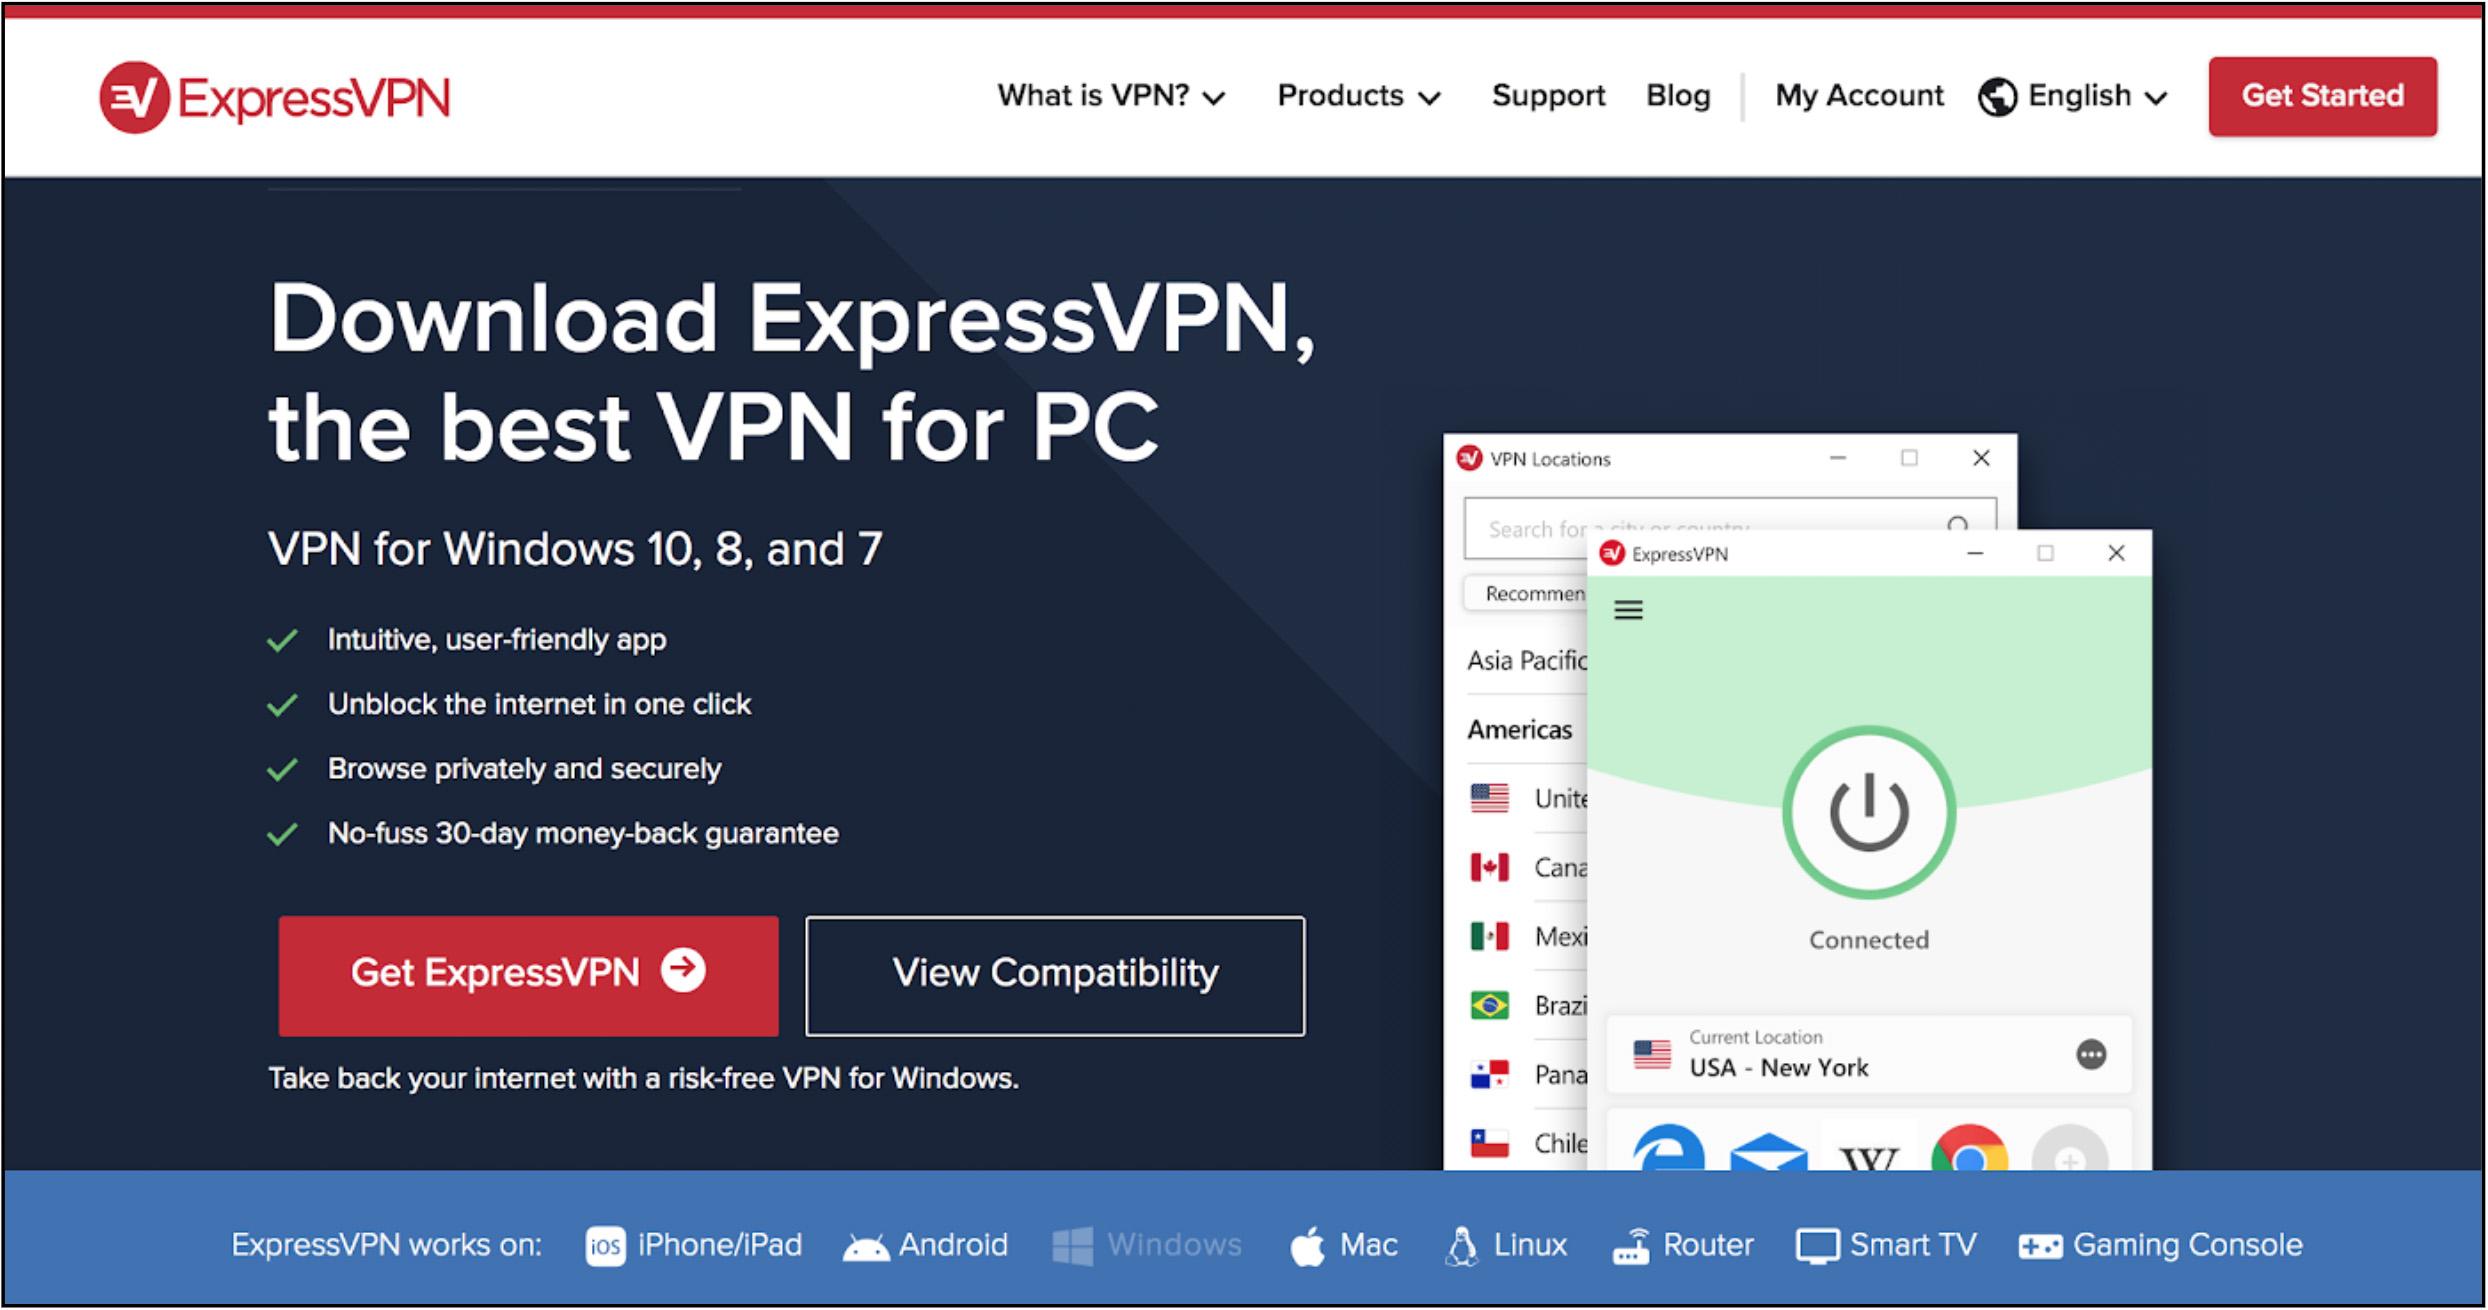 Schermafbeelding van de welkomstpagina van ExpressVPN voor de Windows VPN-service met productinformatie en aankooplinks.